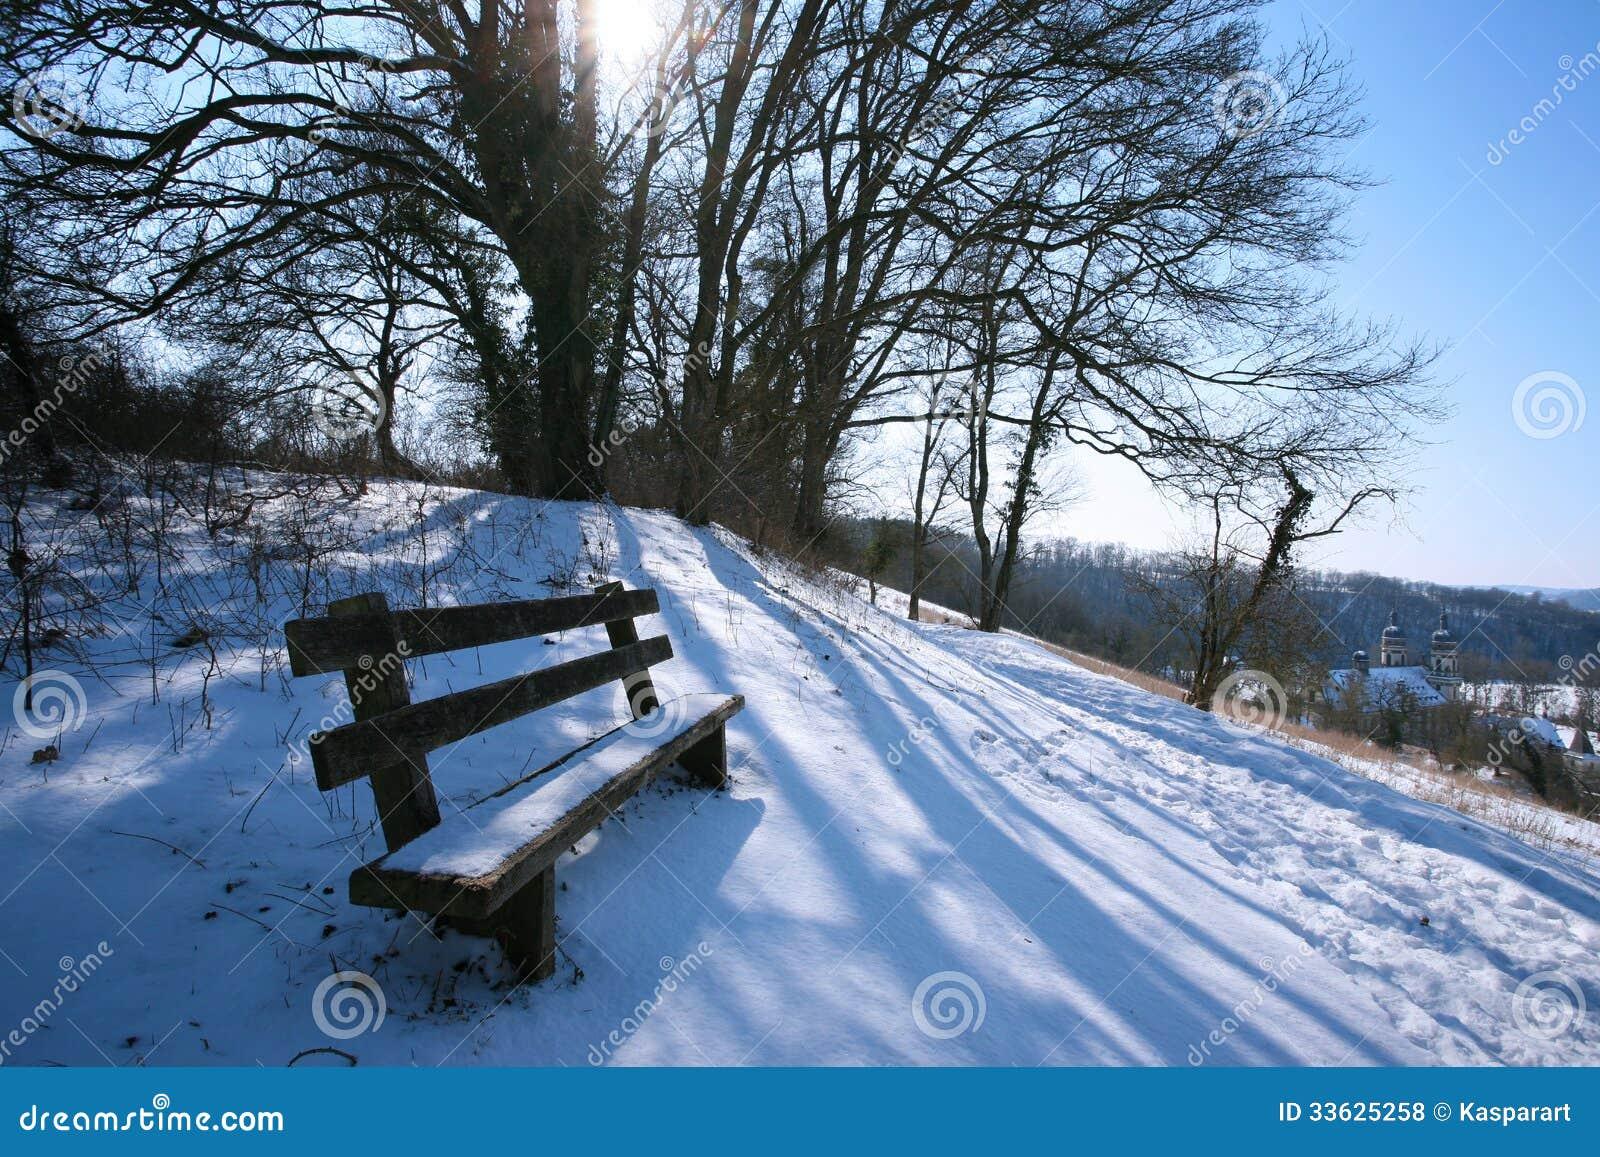 paysage d 39 hiver avec le banc photo stock image du tranquille nature 33625258. Black Bedroom Furniture Sets. Home Design Ideas